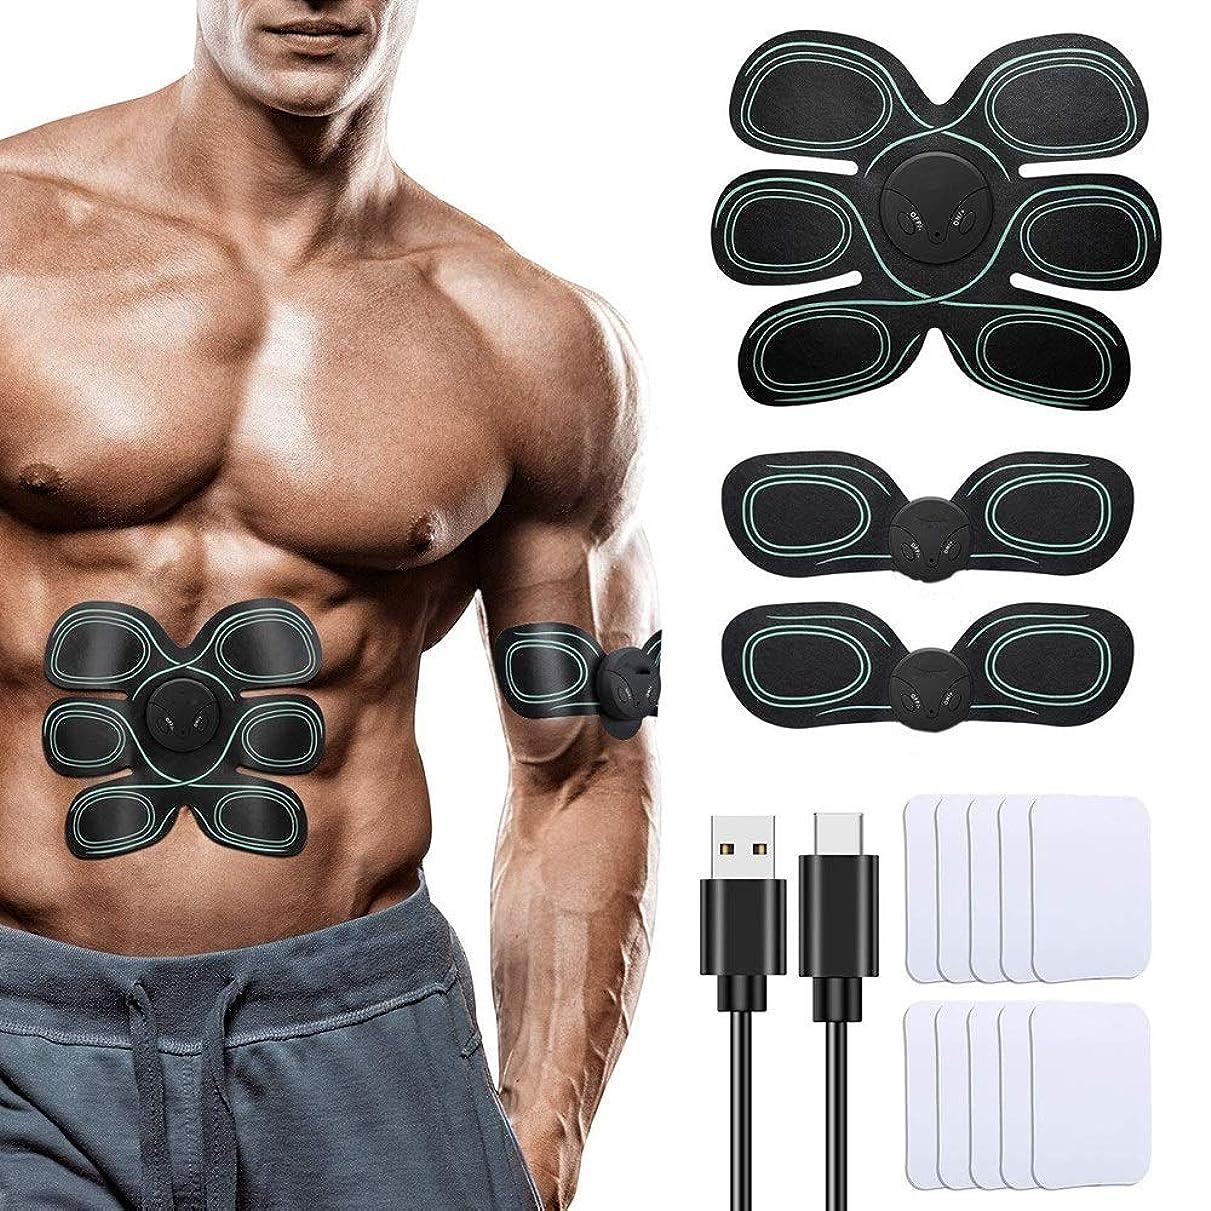 貫入ライター。EMS筋肉フィットネストレーナー、8ブロック腹部トレーニング&脂肪燃焼脚エクササイズUSB充電式8モード10機能サポートBelt&12パッドホームスリミング男性と女性に適しています